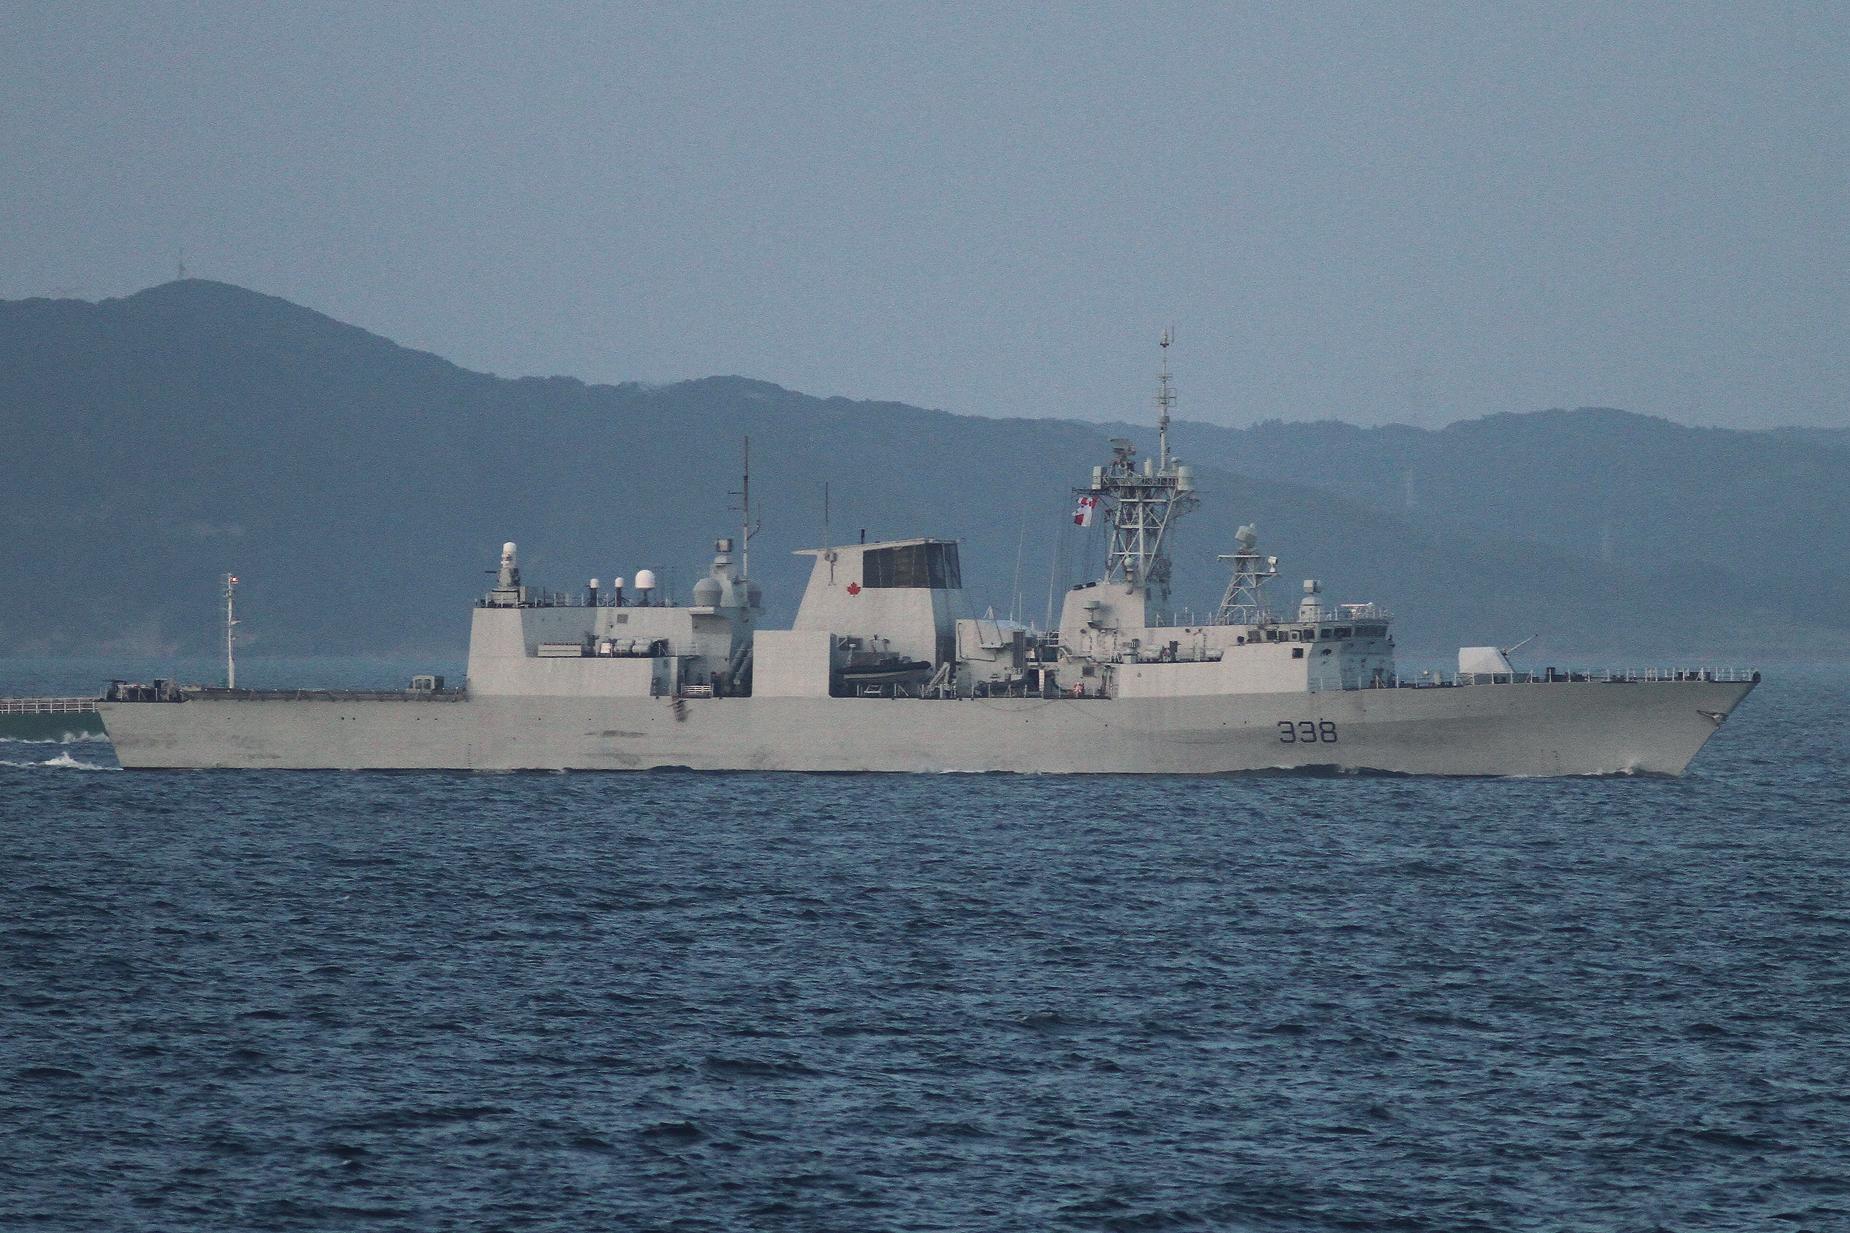 2017年7月15日 浦賀水道航路を南航するカナダ海軍のハリファックス級